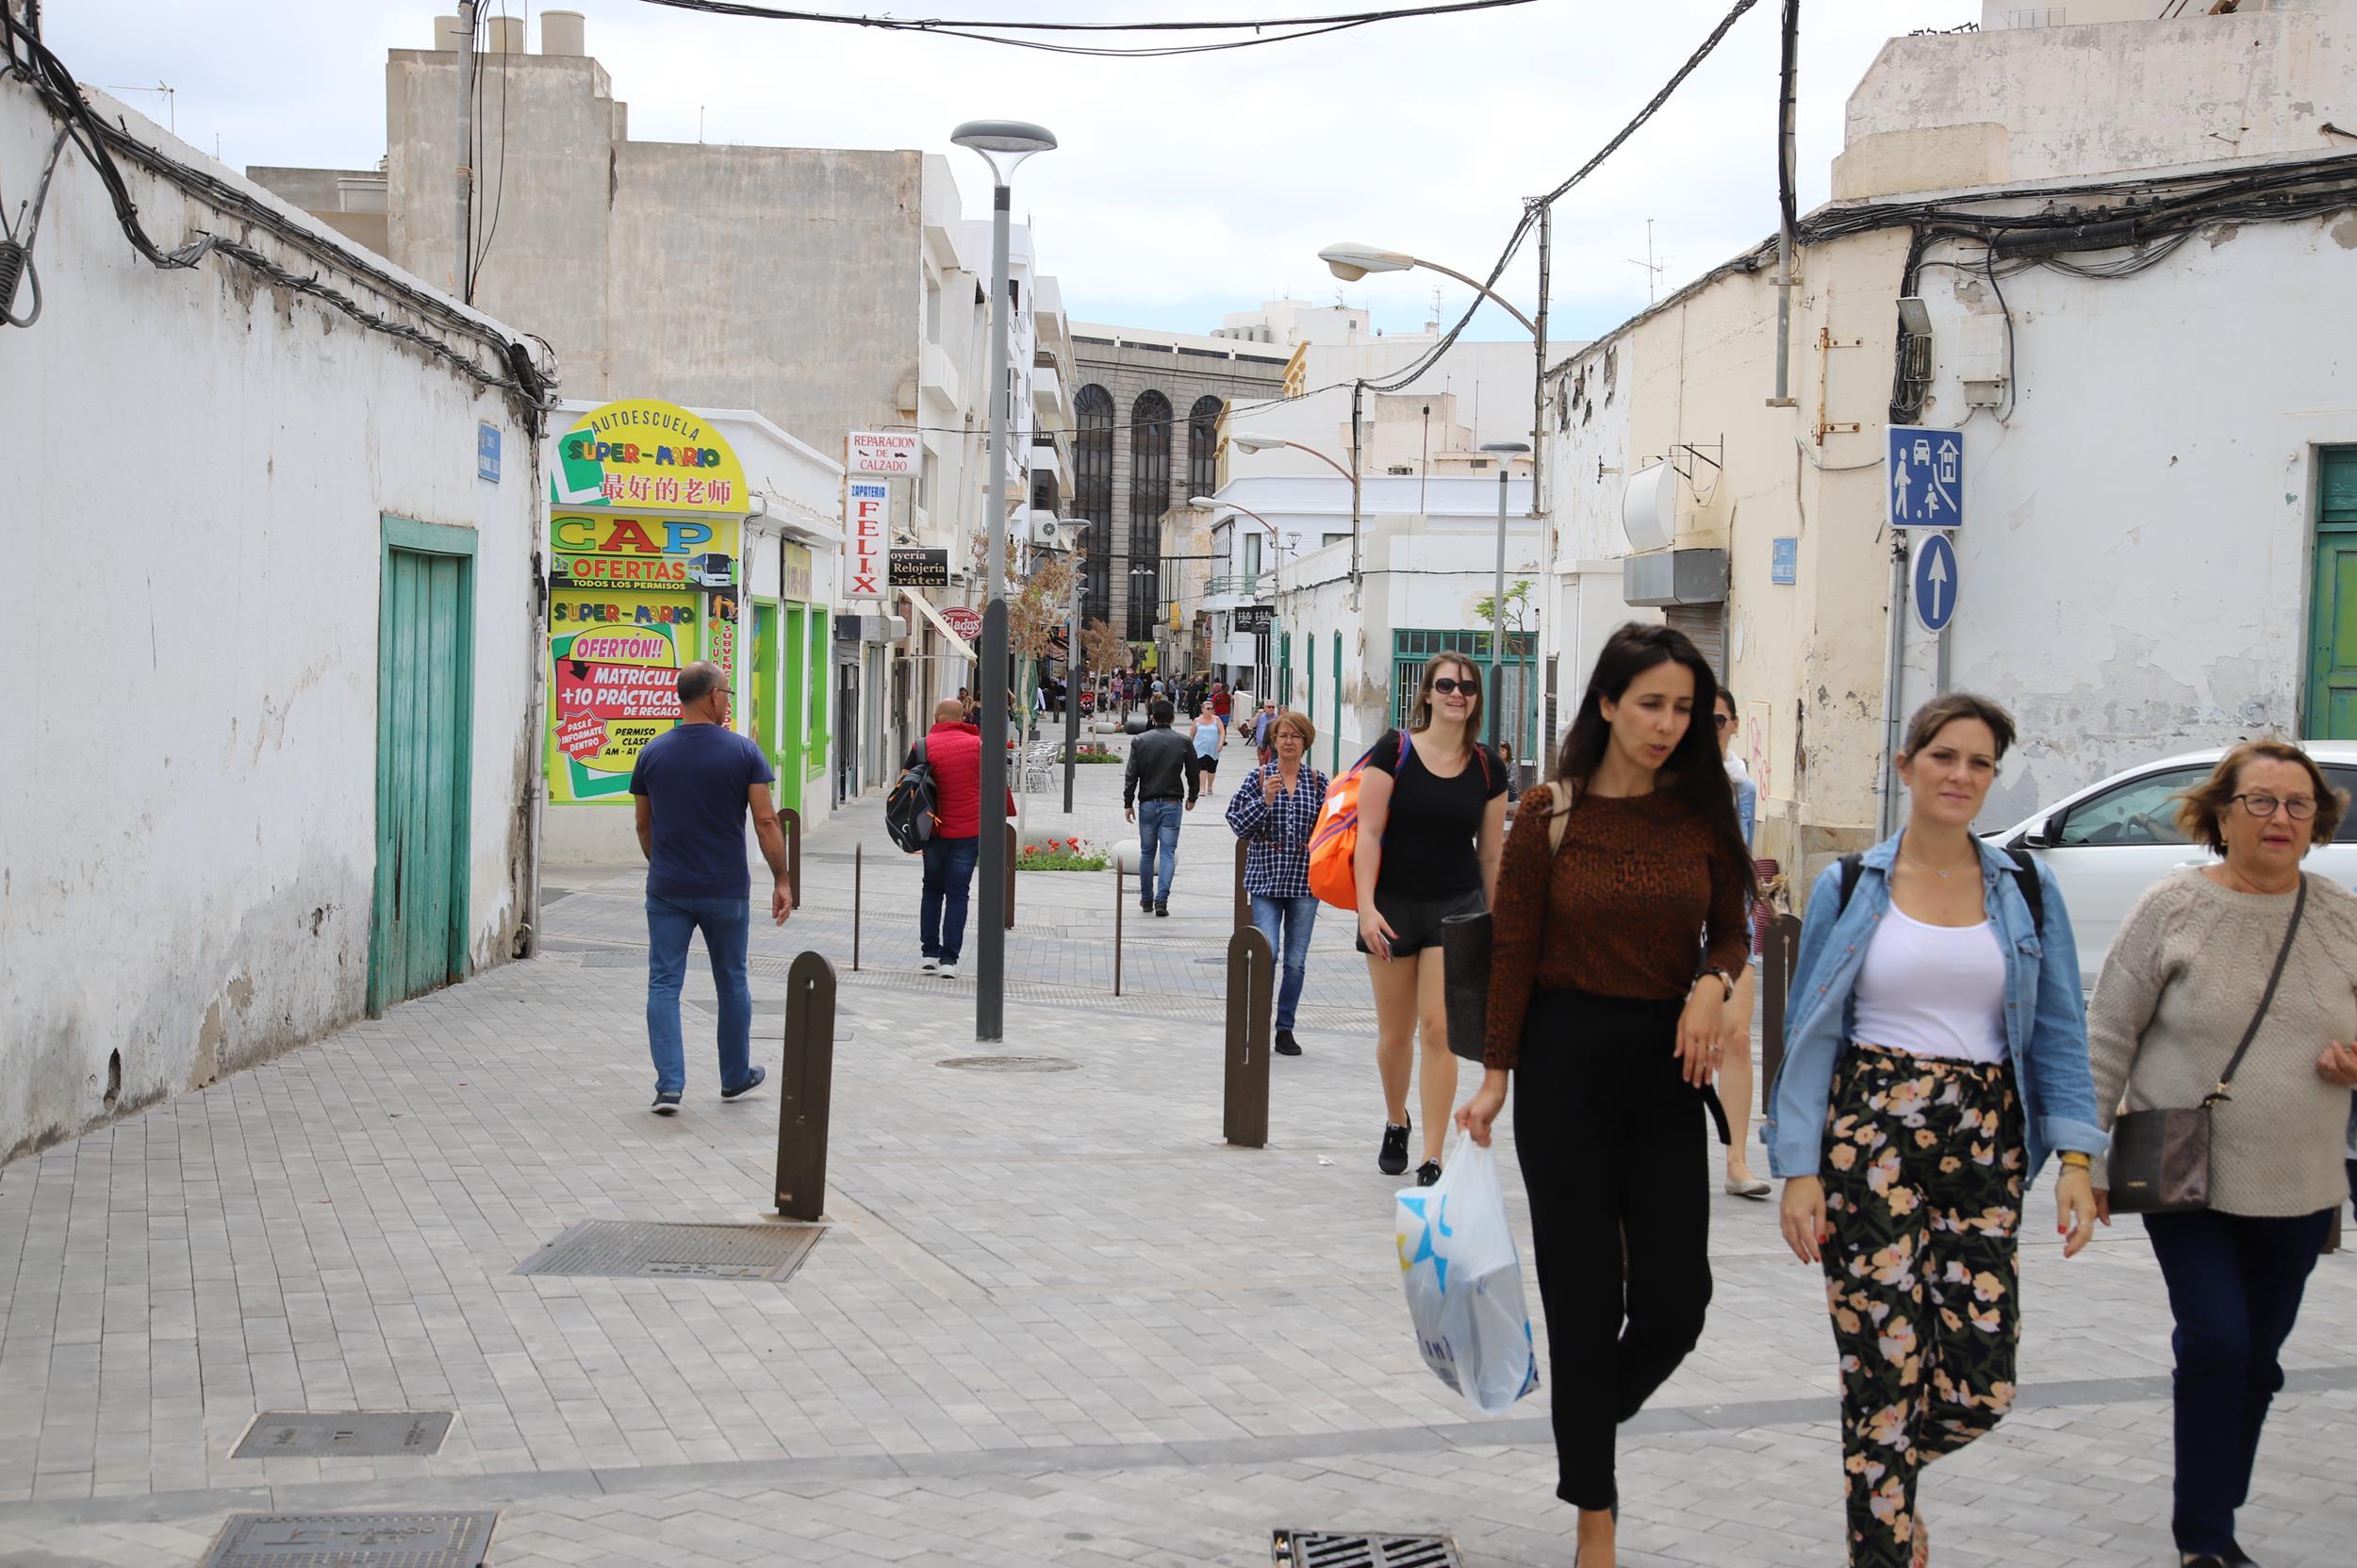 Finalizadas las obras de embellecimiento y modernización de la Calle Hermanos Zerolo en Arrecife